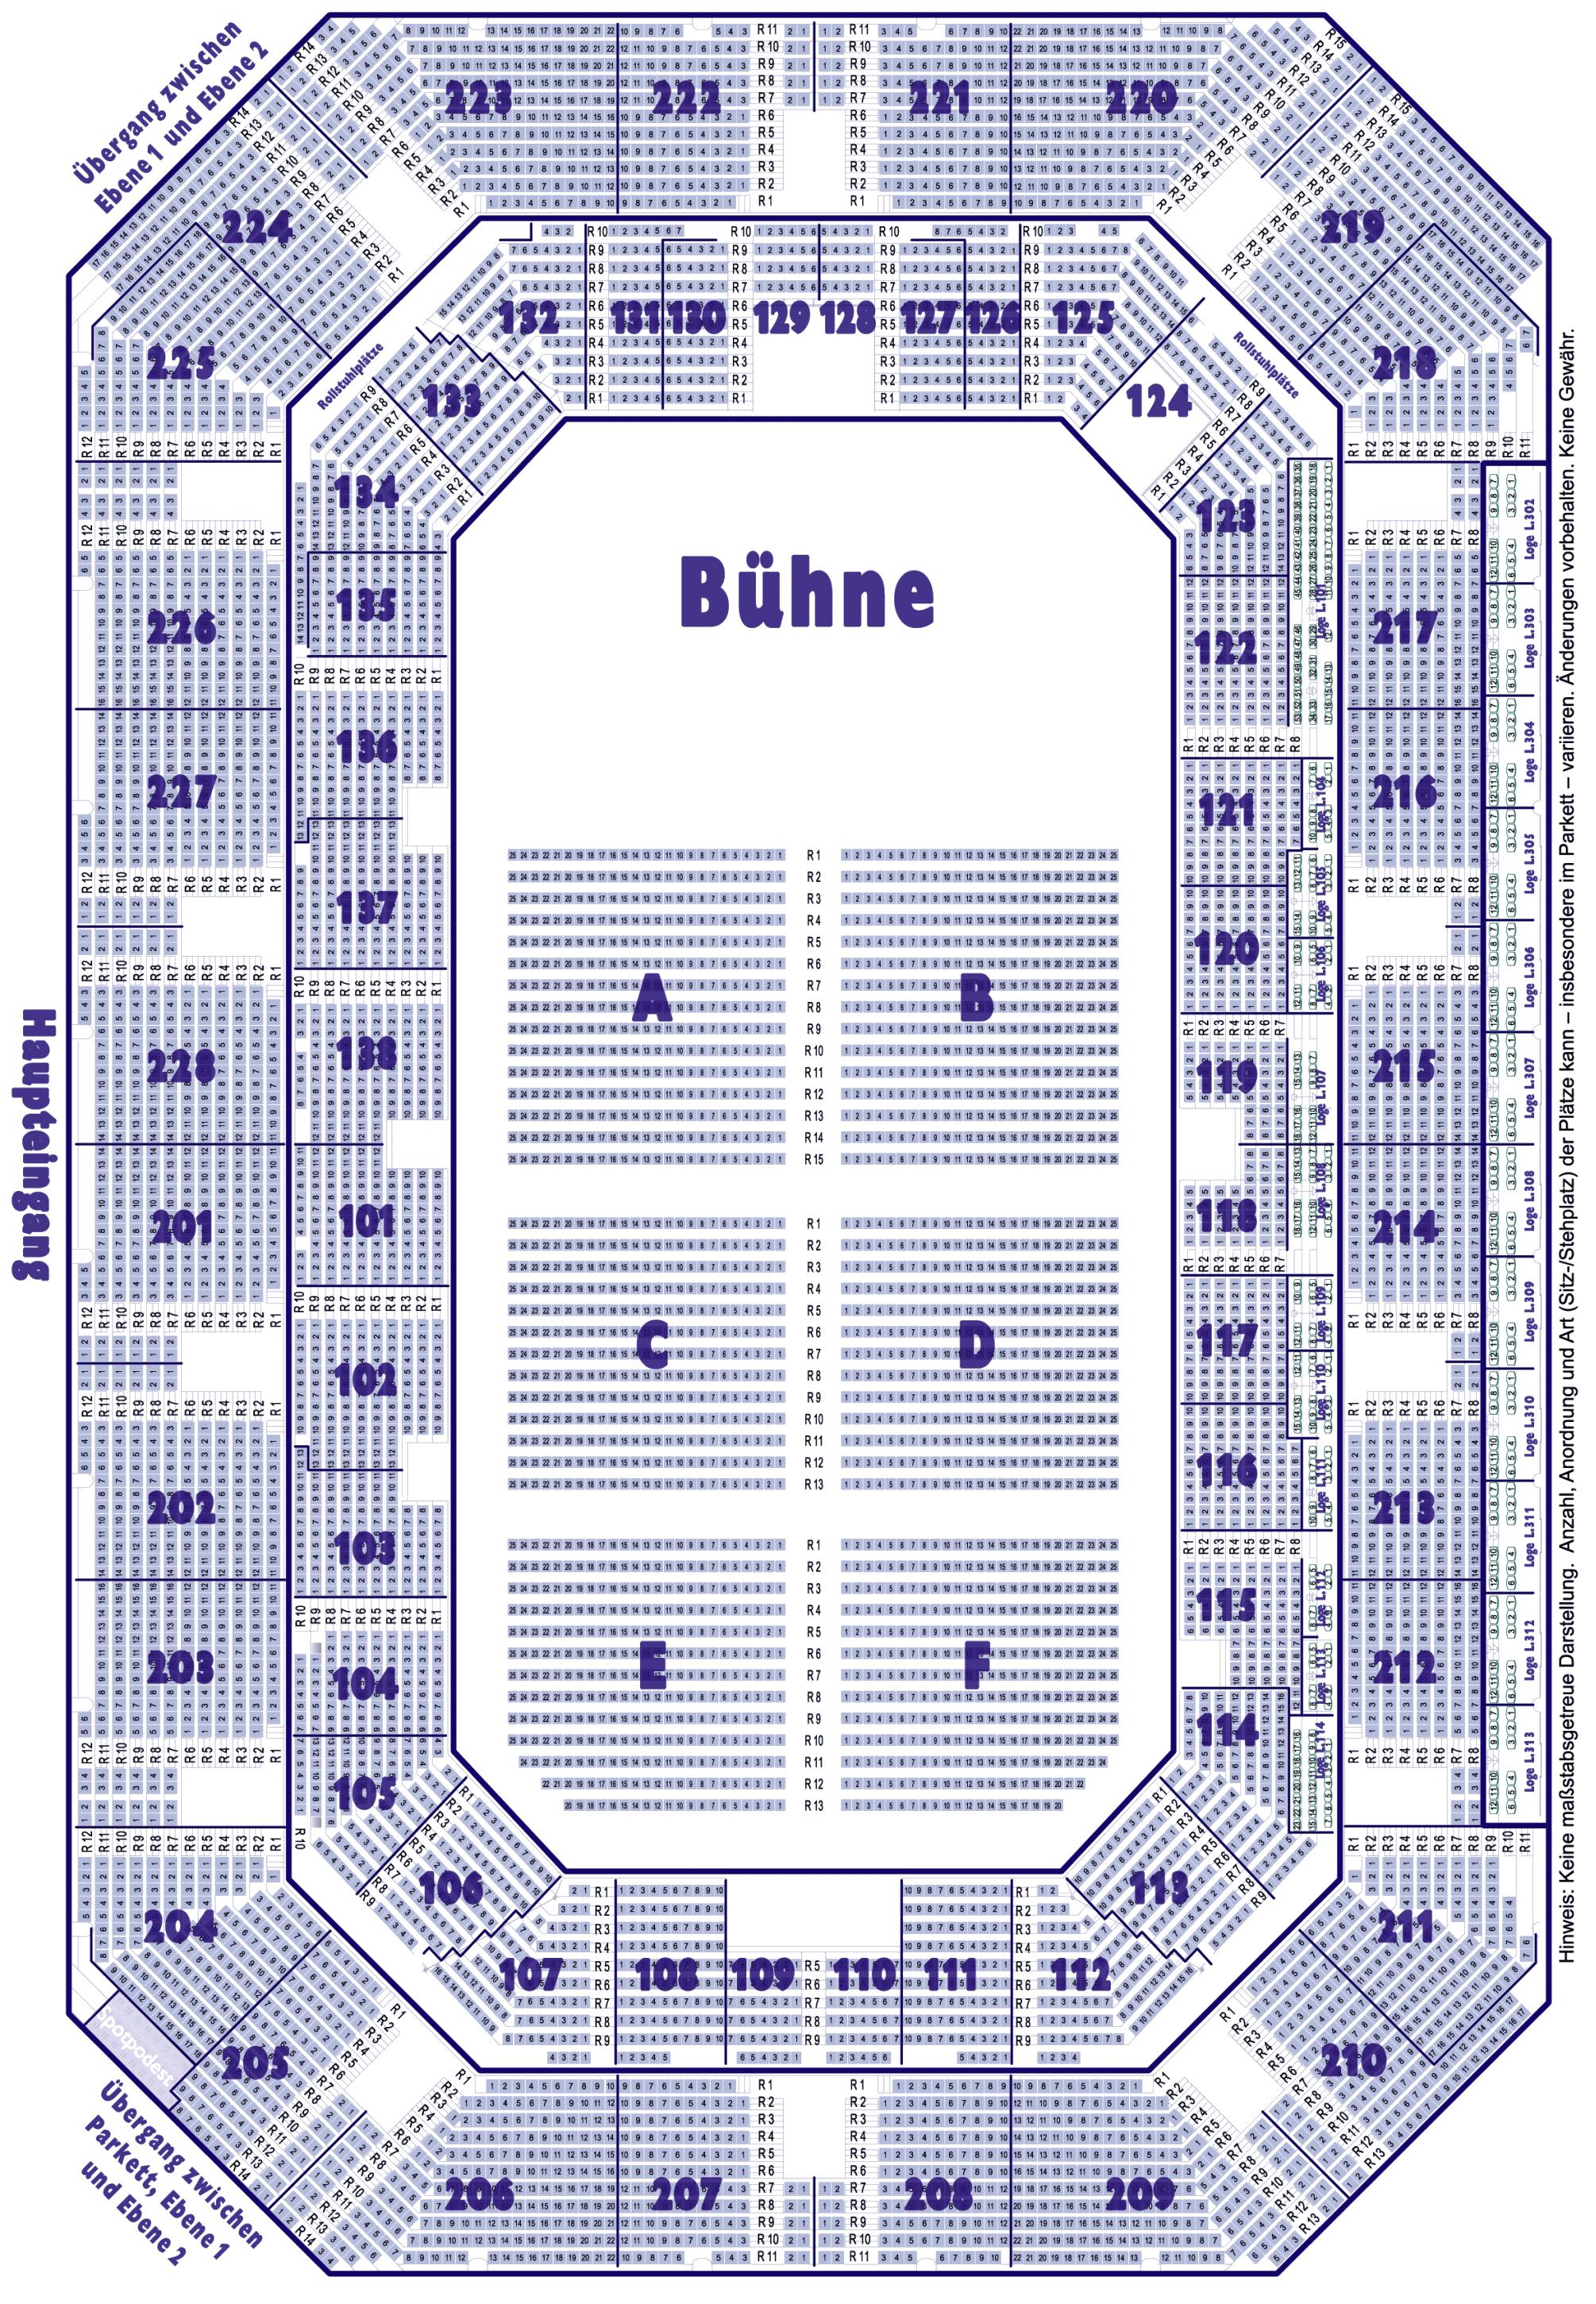 porsche arena sitzplätze